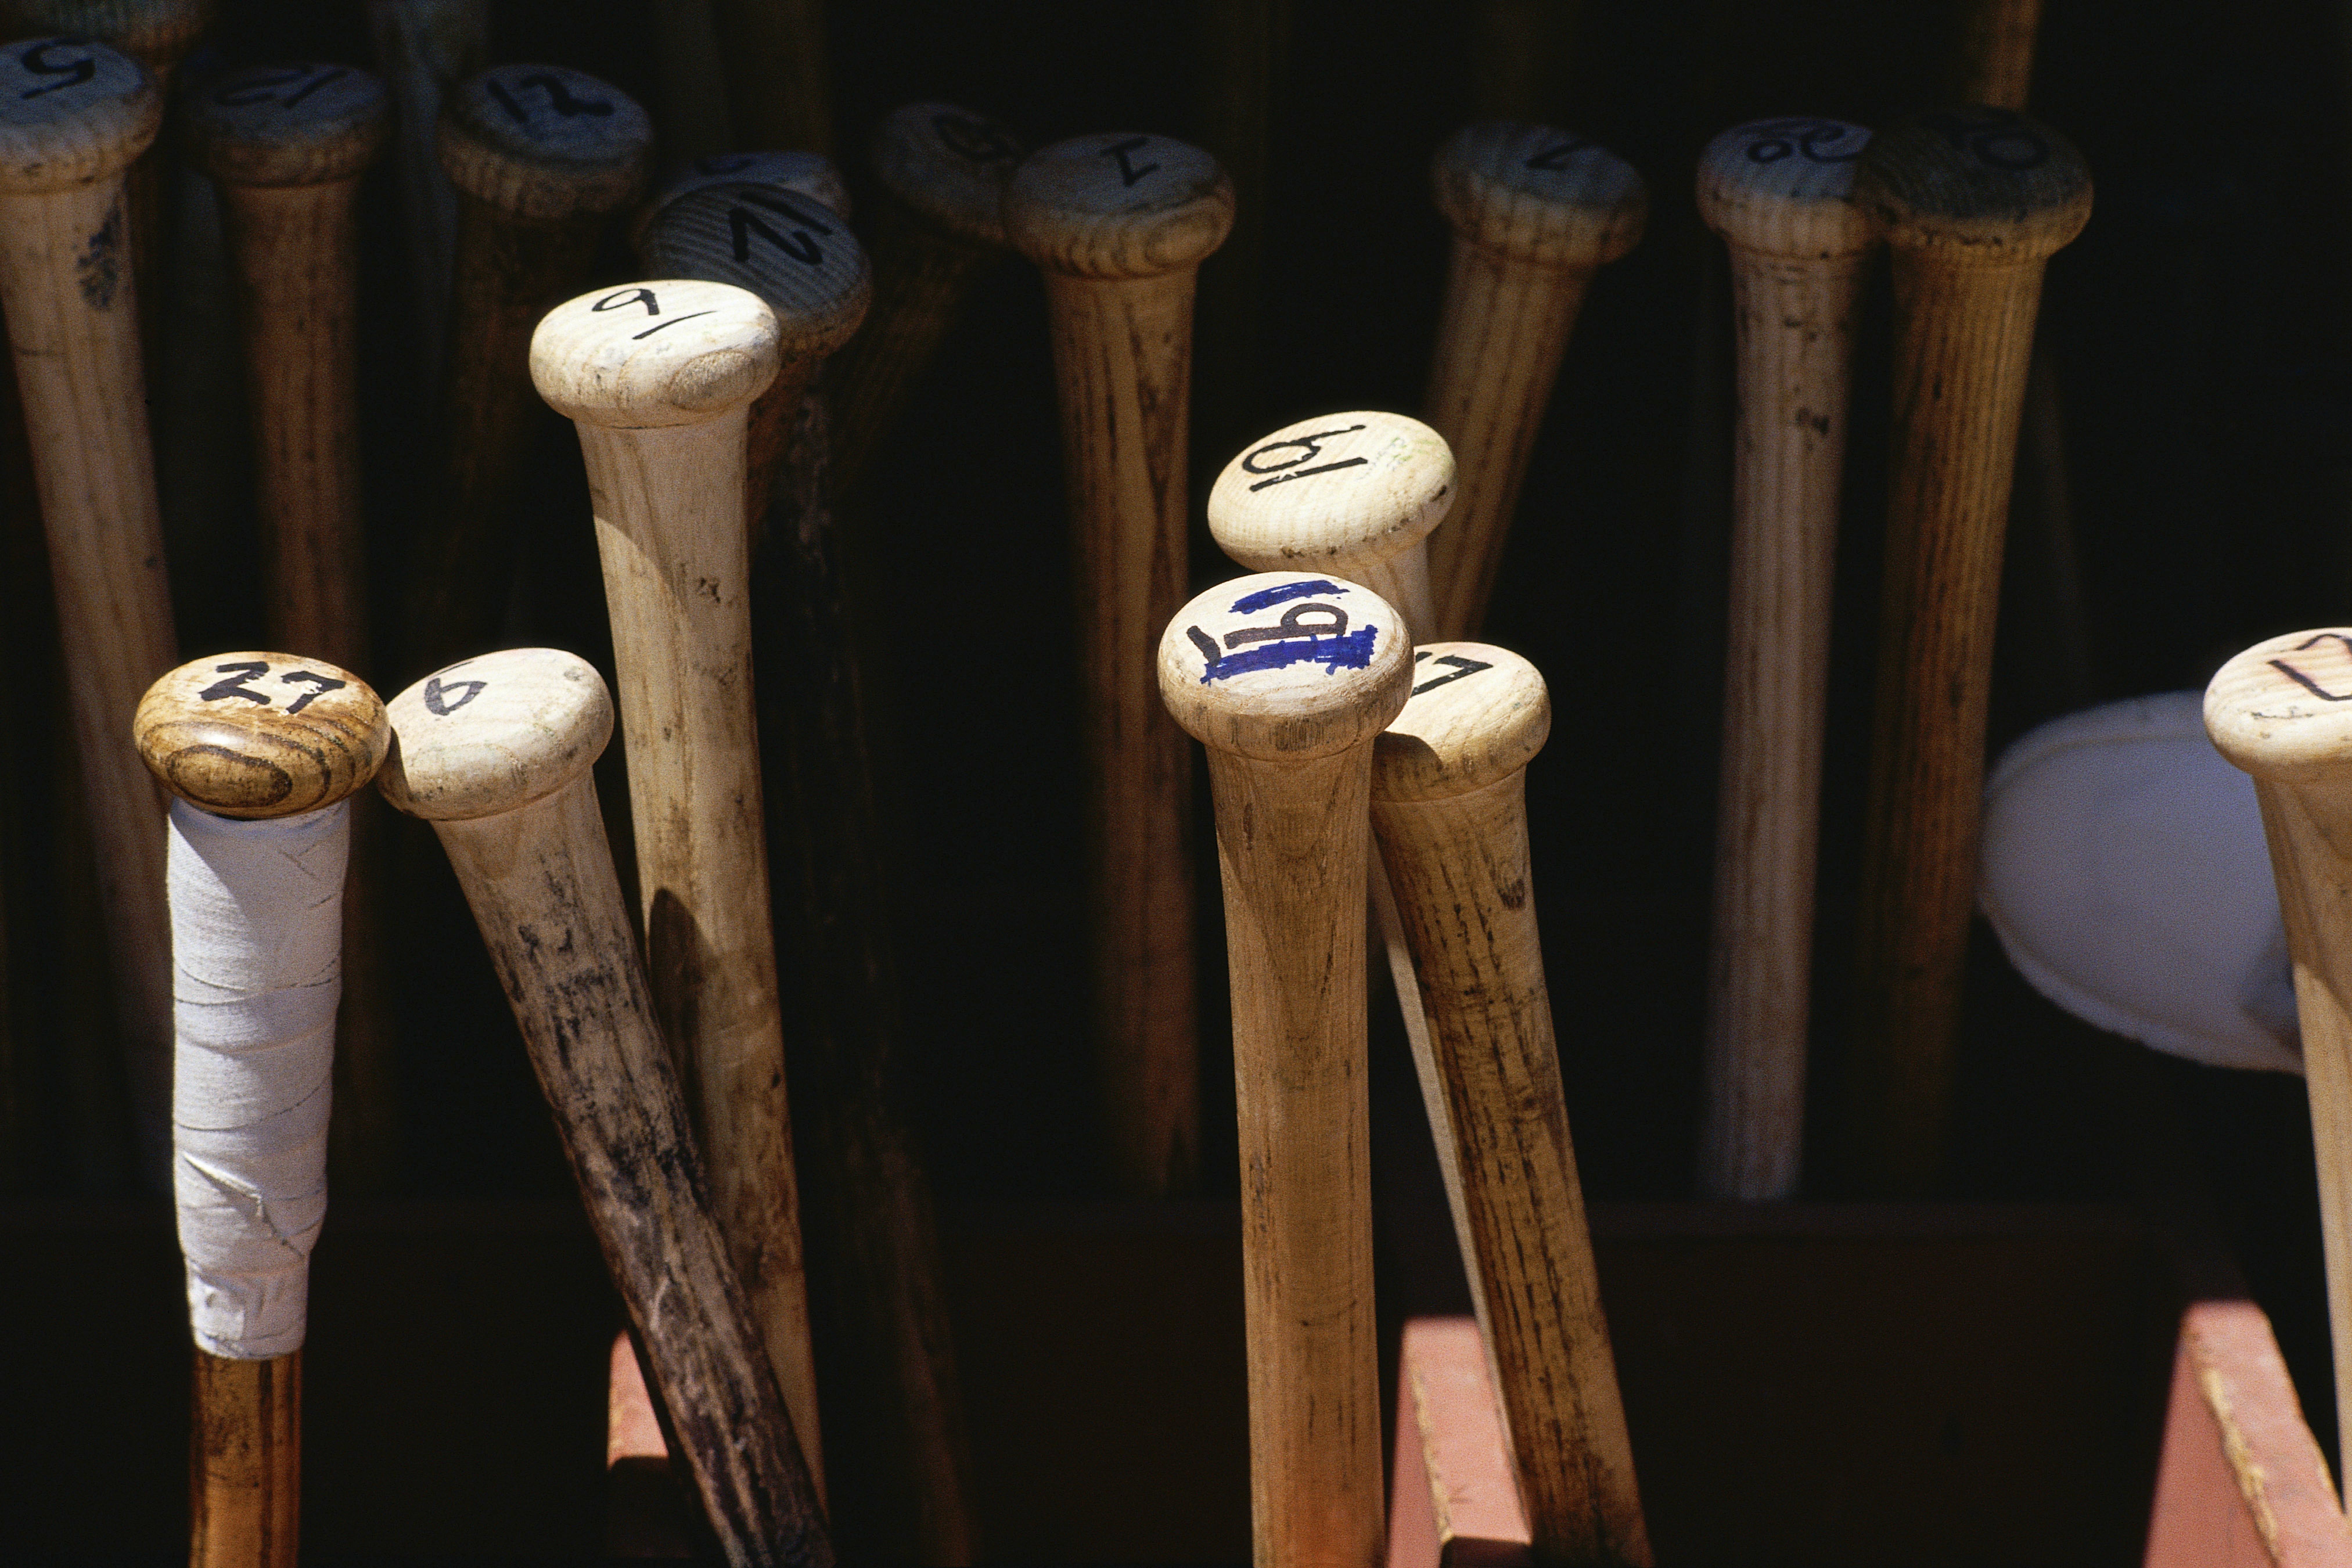 Des battes de baseball